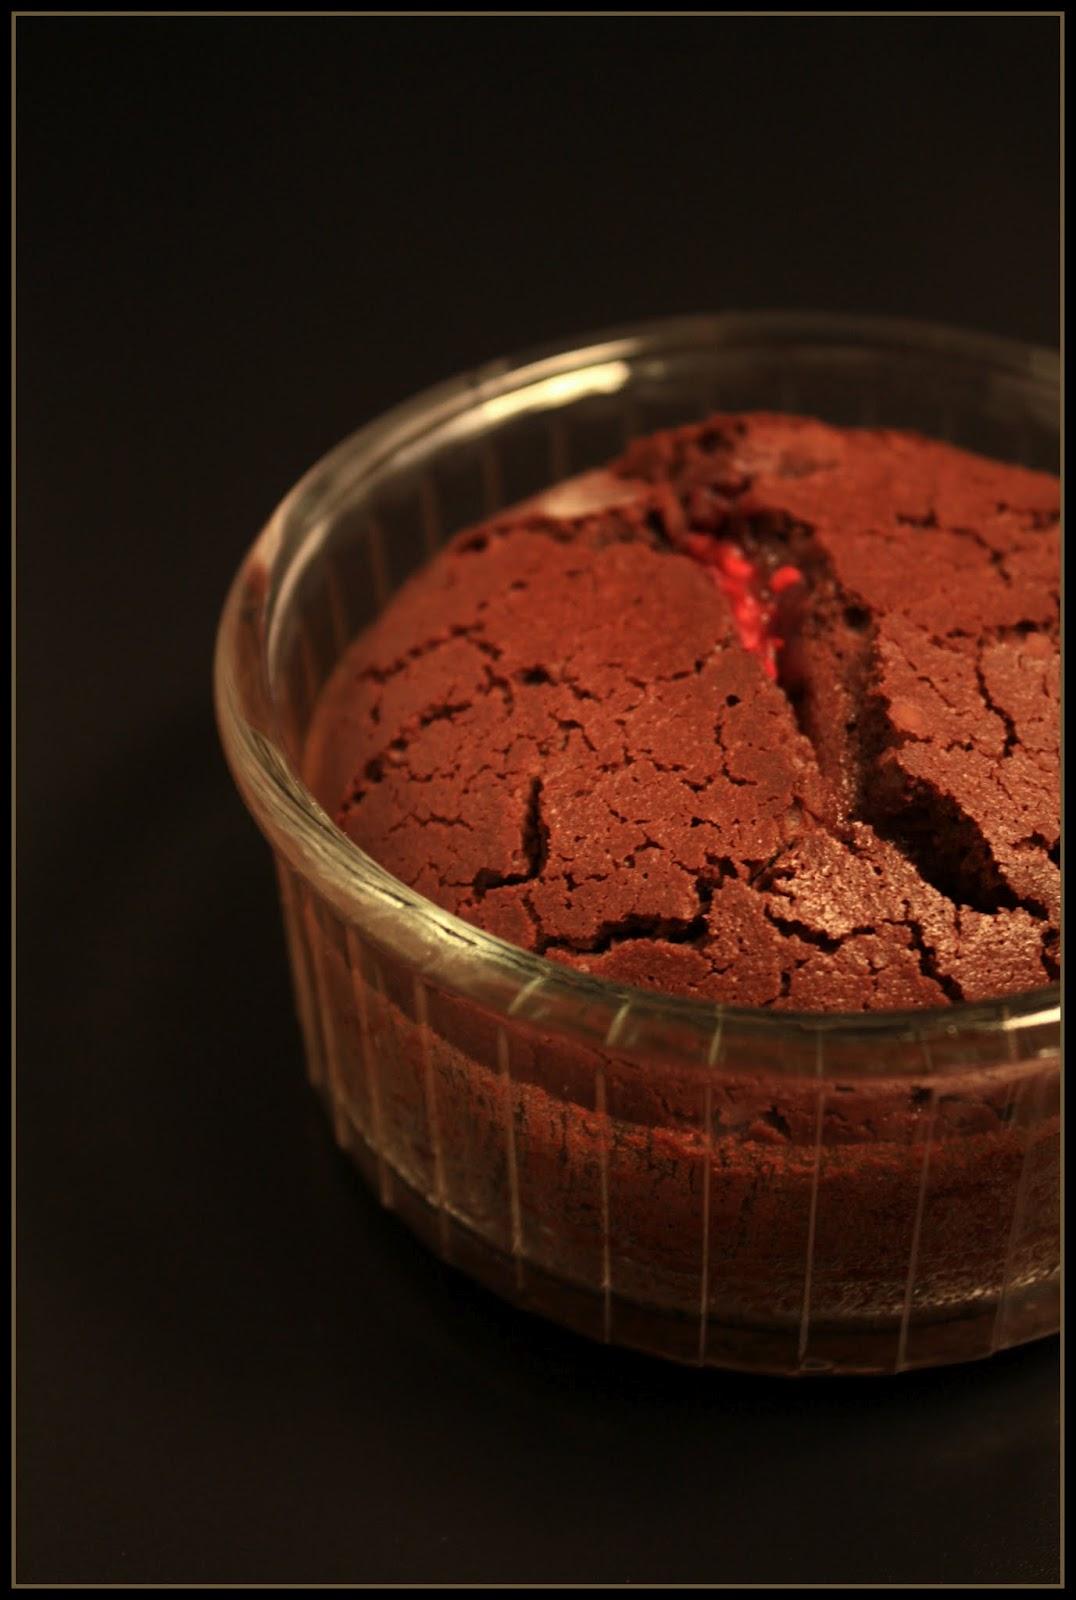 Fondant Chocolat Au Coeur Coulant Framboise Objectif Zero Miette